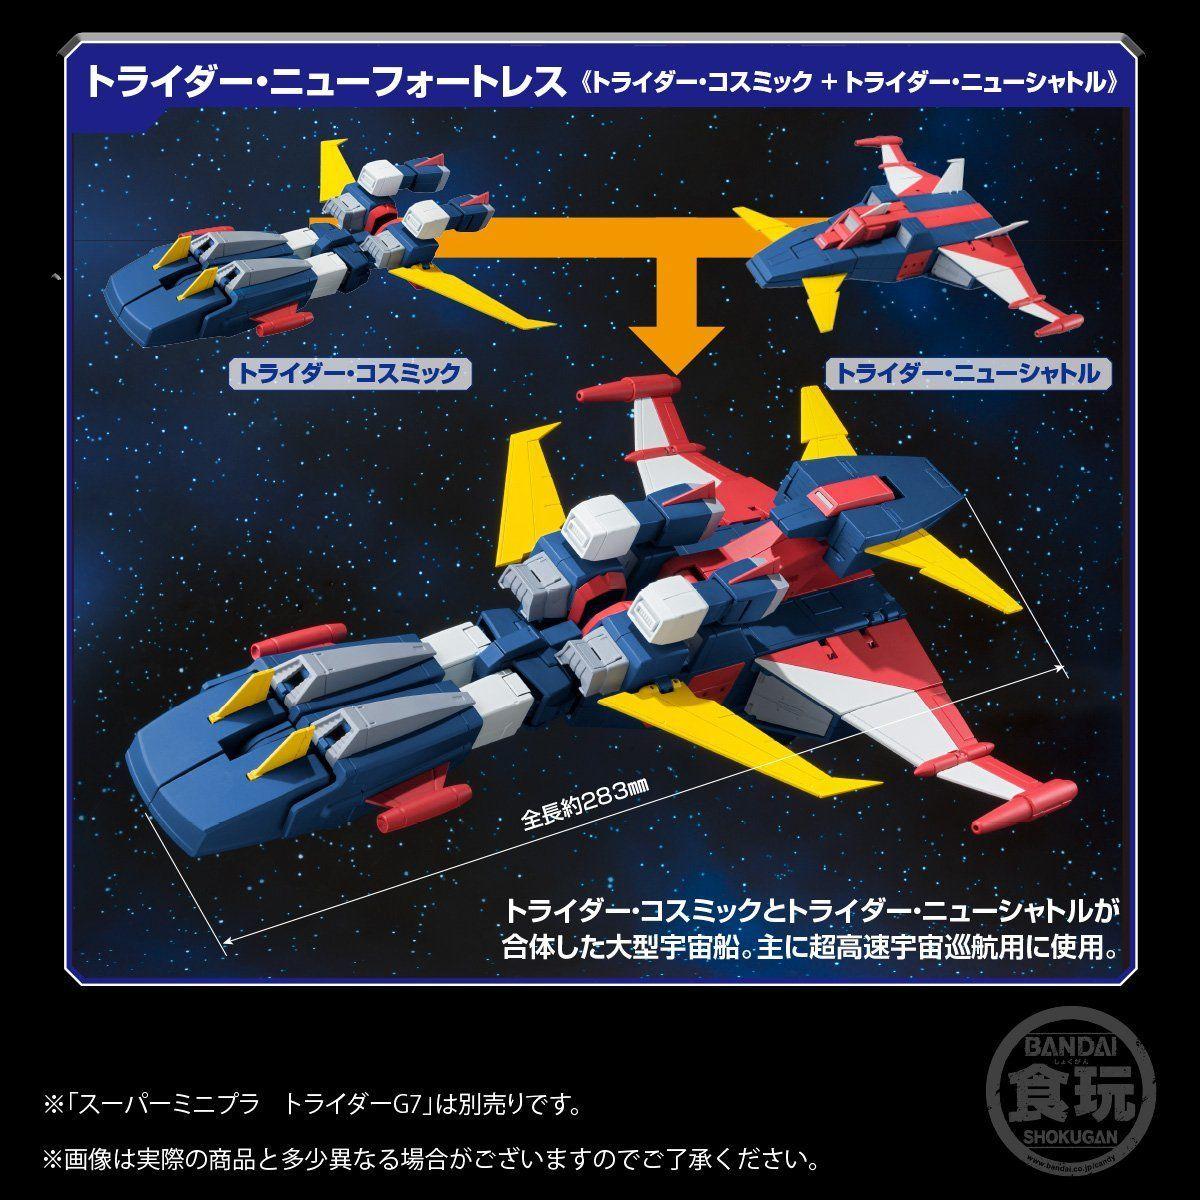 【食玩】スーパーミニプラ『無敵ロボ トライダーG7』3個入りBOX-015